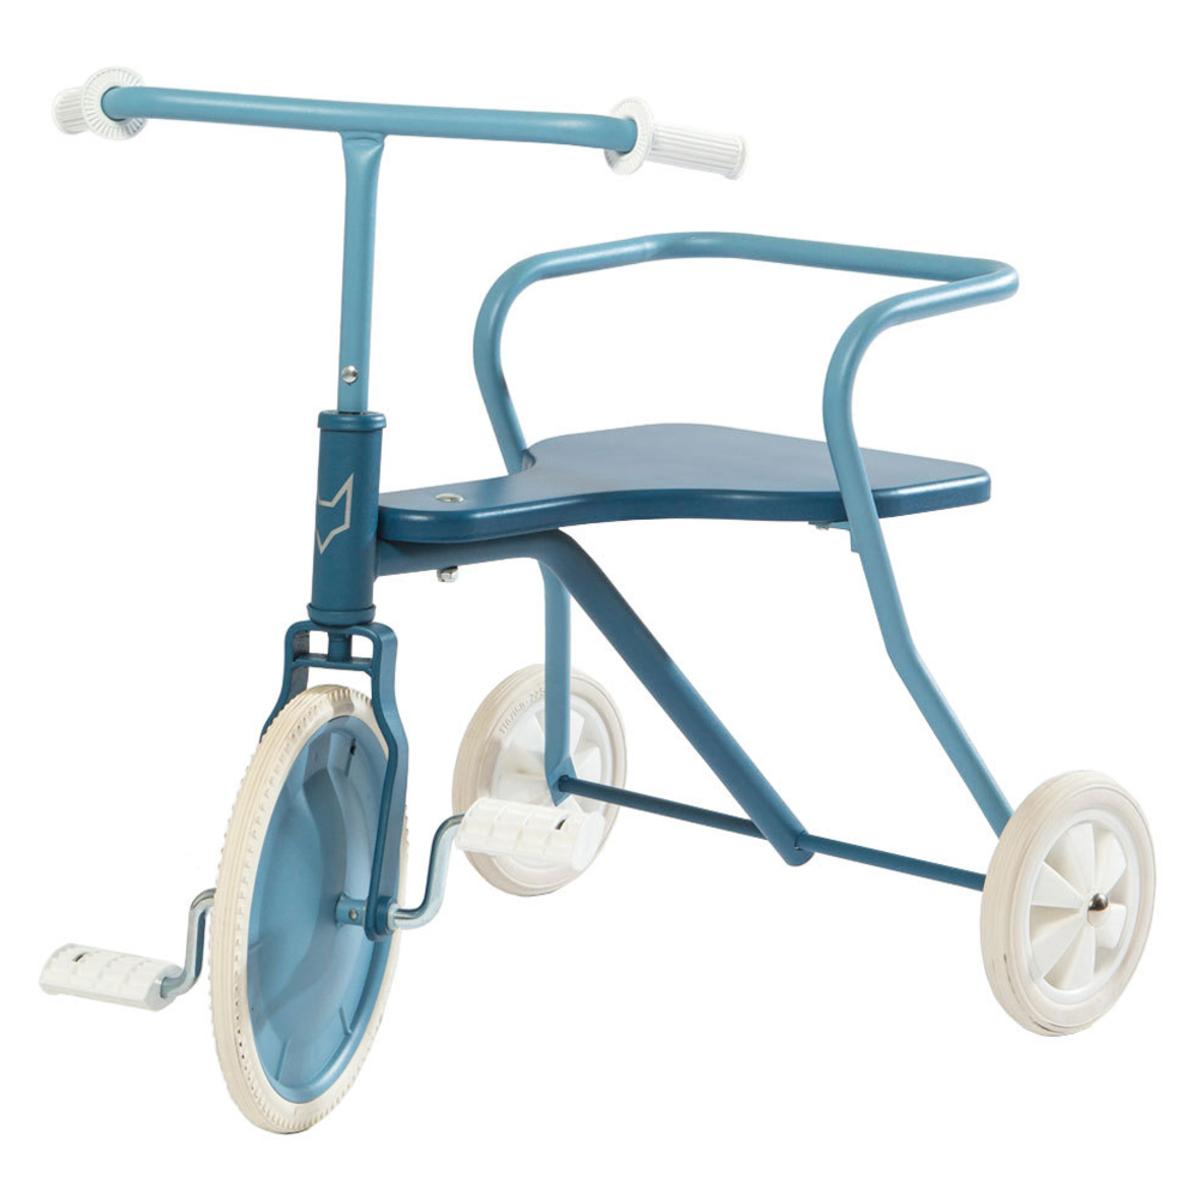 Trotteur & Porteur Tricycle en Métal - Bleu Vintage Tricycle en Métal - Bleu Vintage